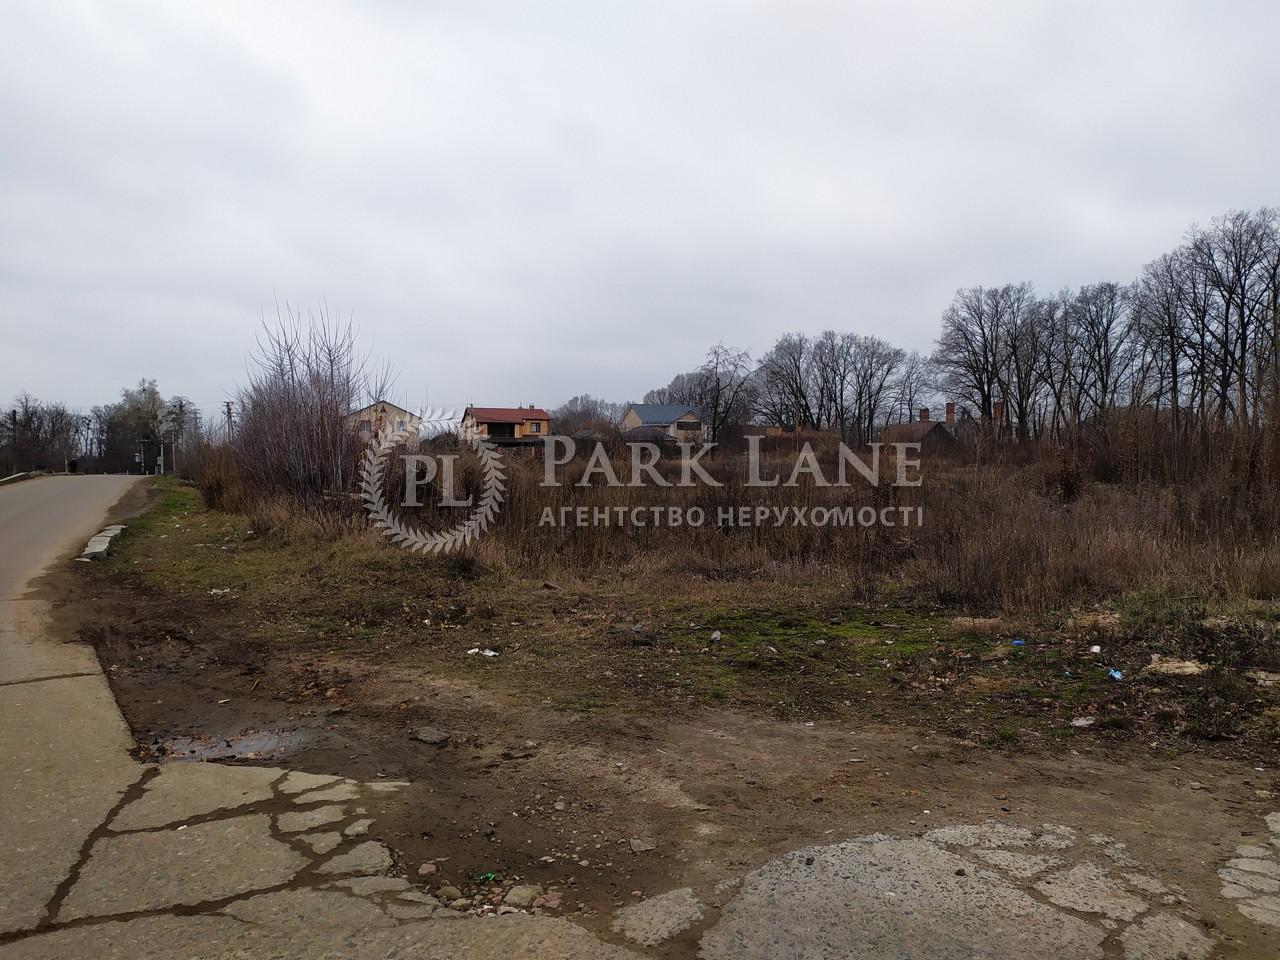 Земельный участок ул. Садовая, Хотов, R-30658 - Фото 1